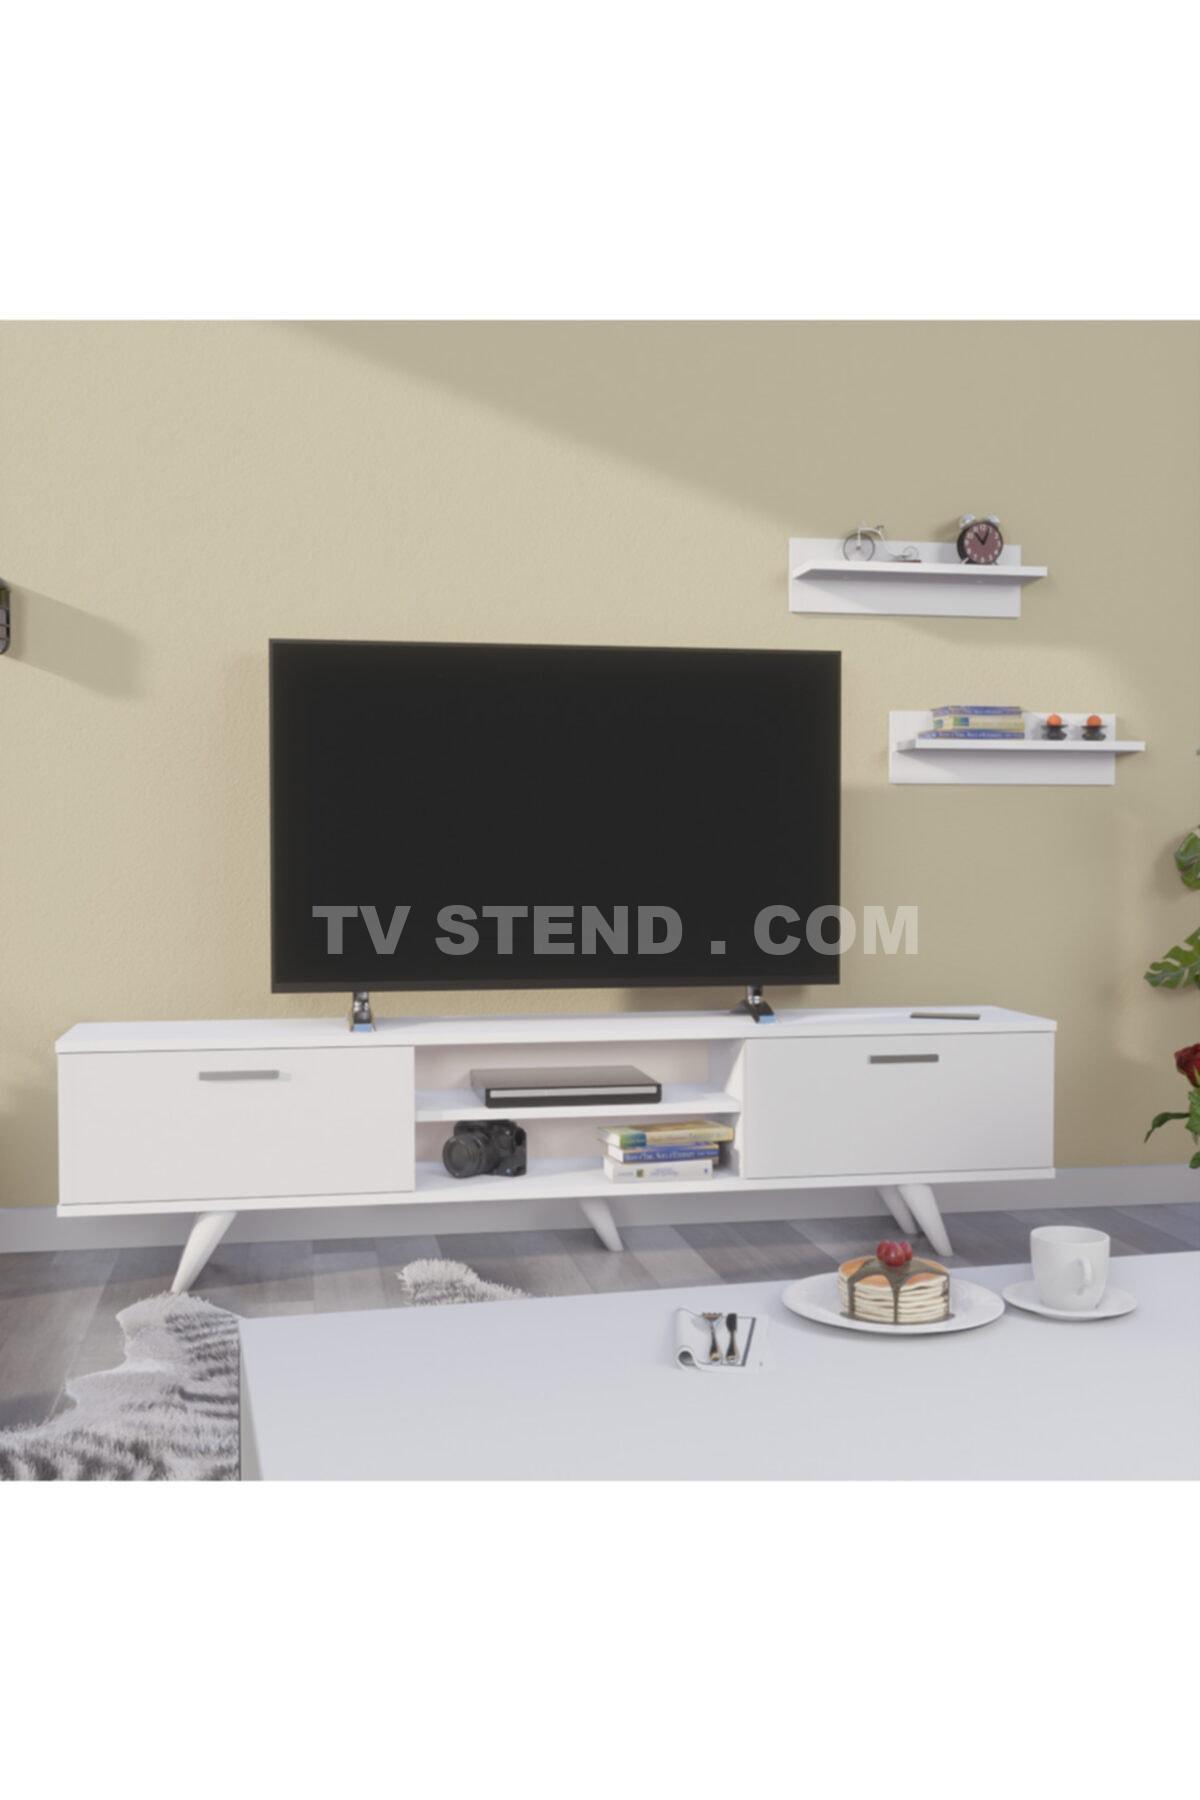 Shila tv stendler